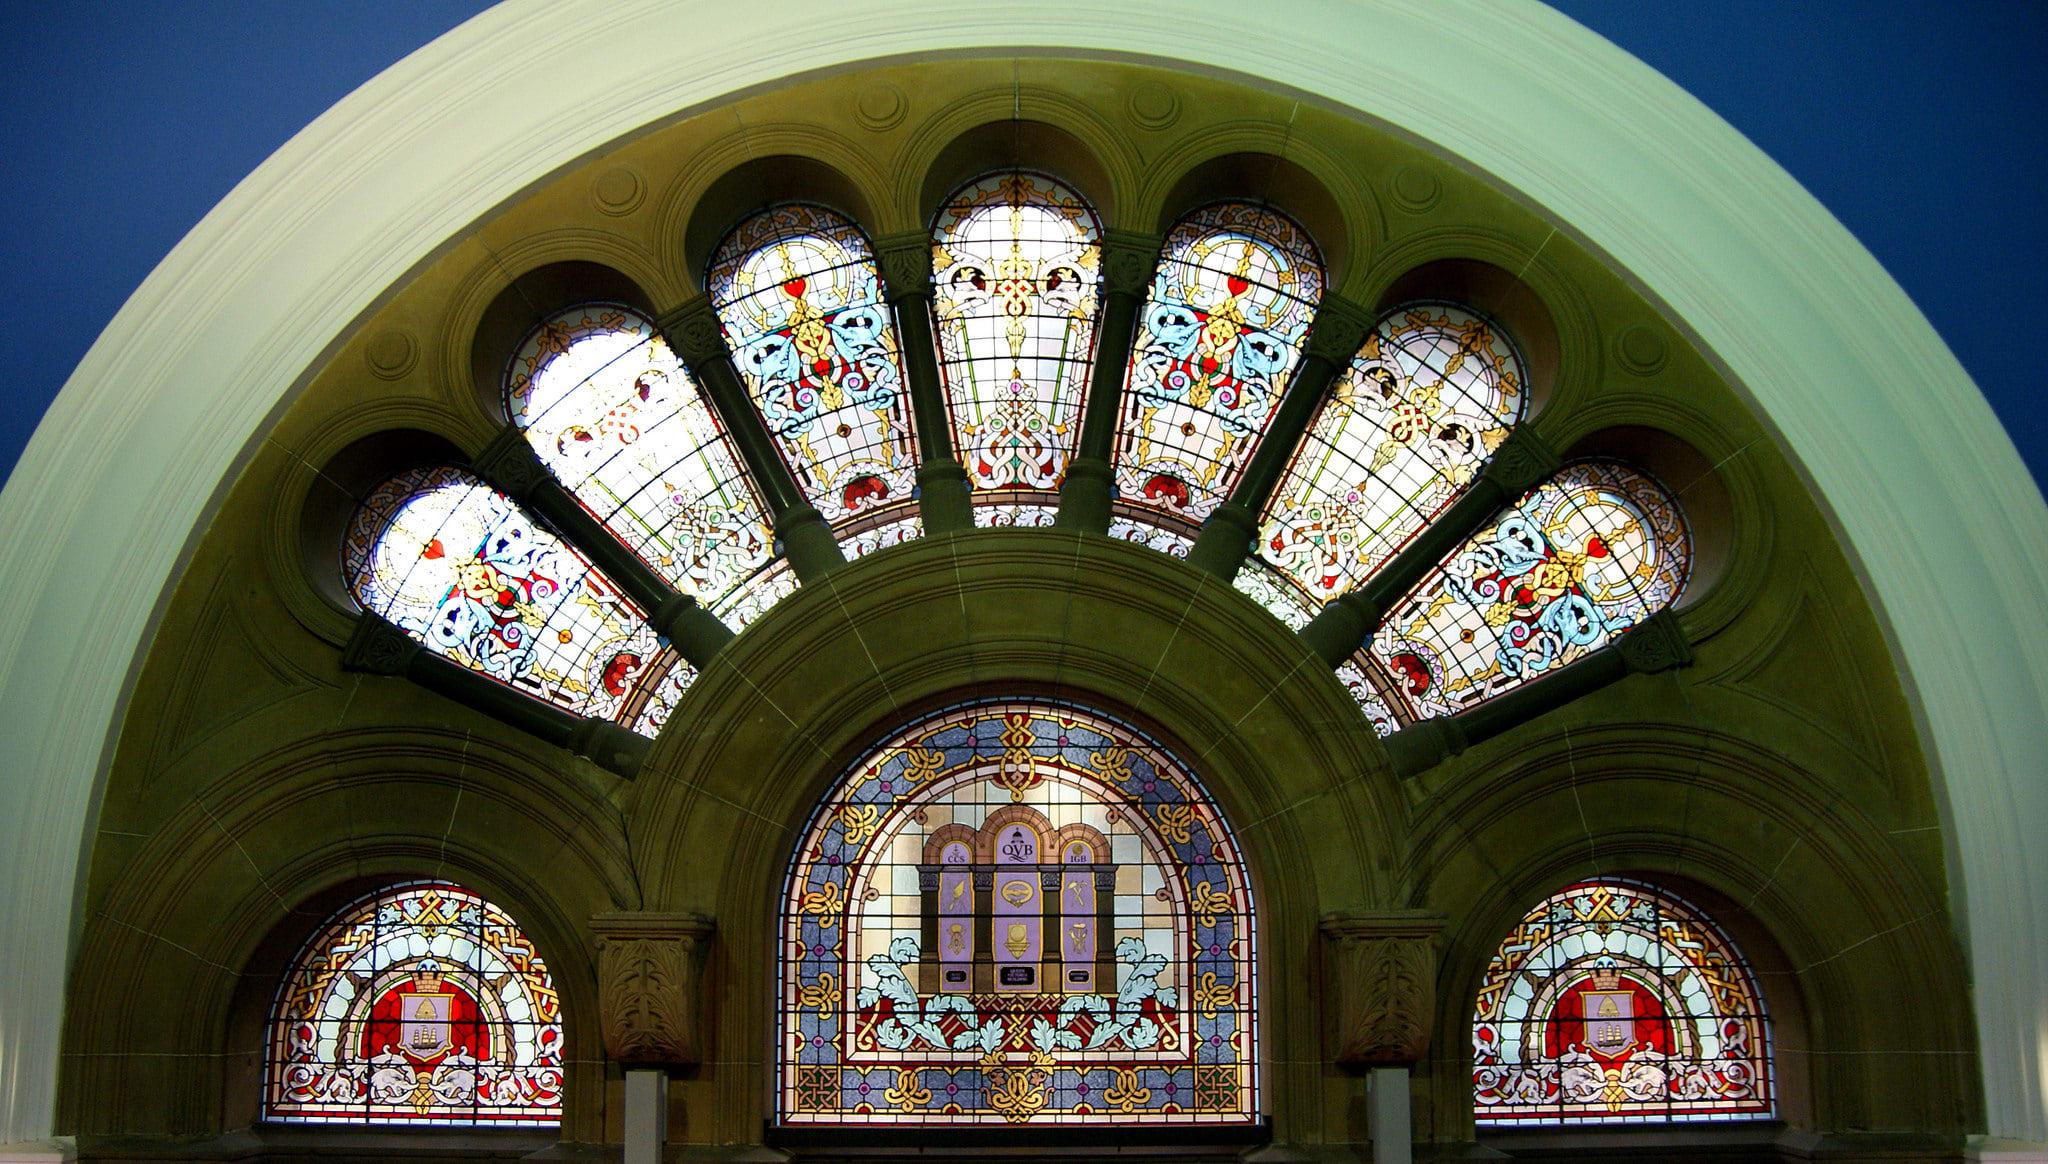 大型彩繪玻璃窗戶上,有著雪梨古老盾徽圖案。(Flickr授權作者-BBernard Spragg.NZ)